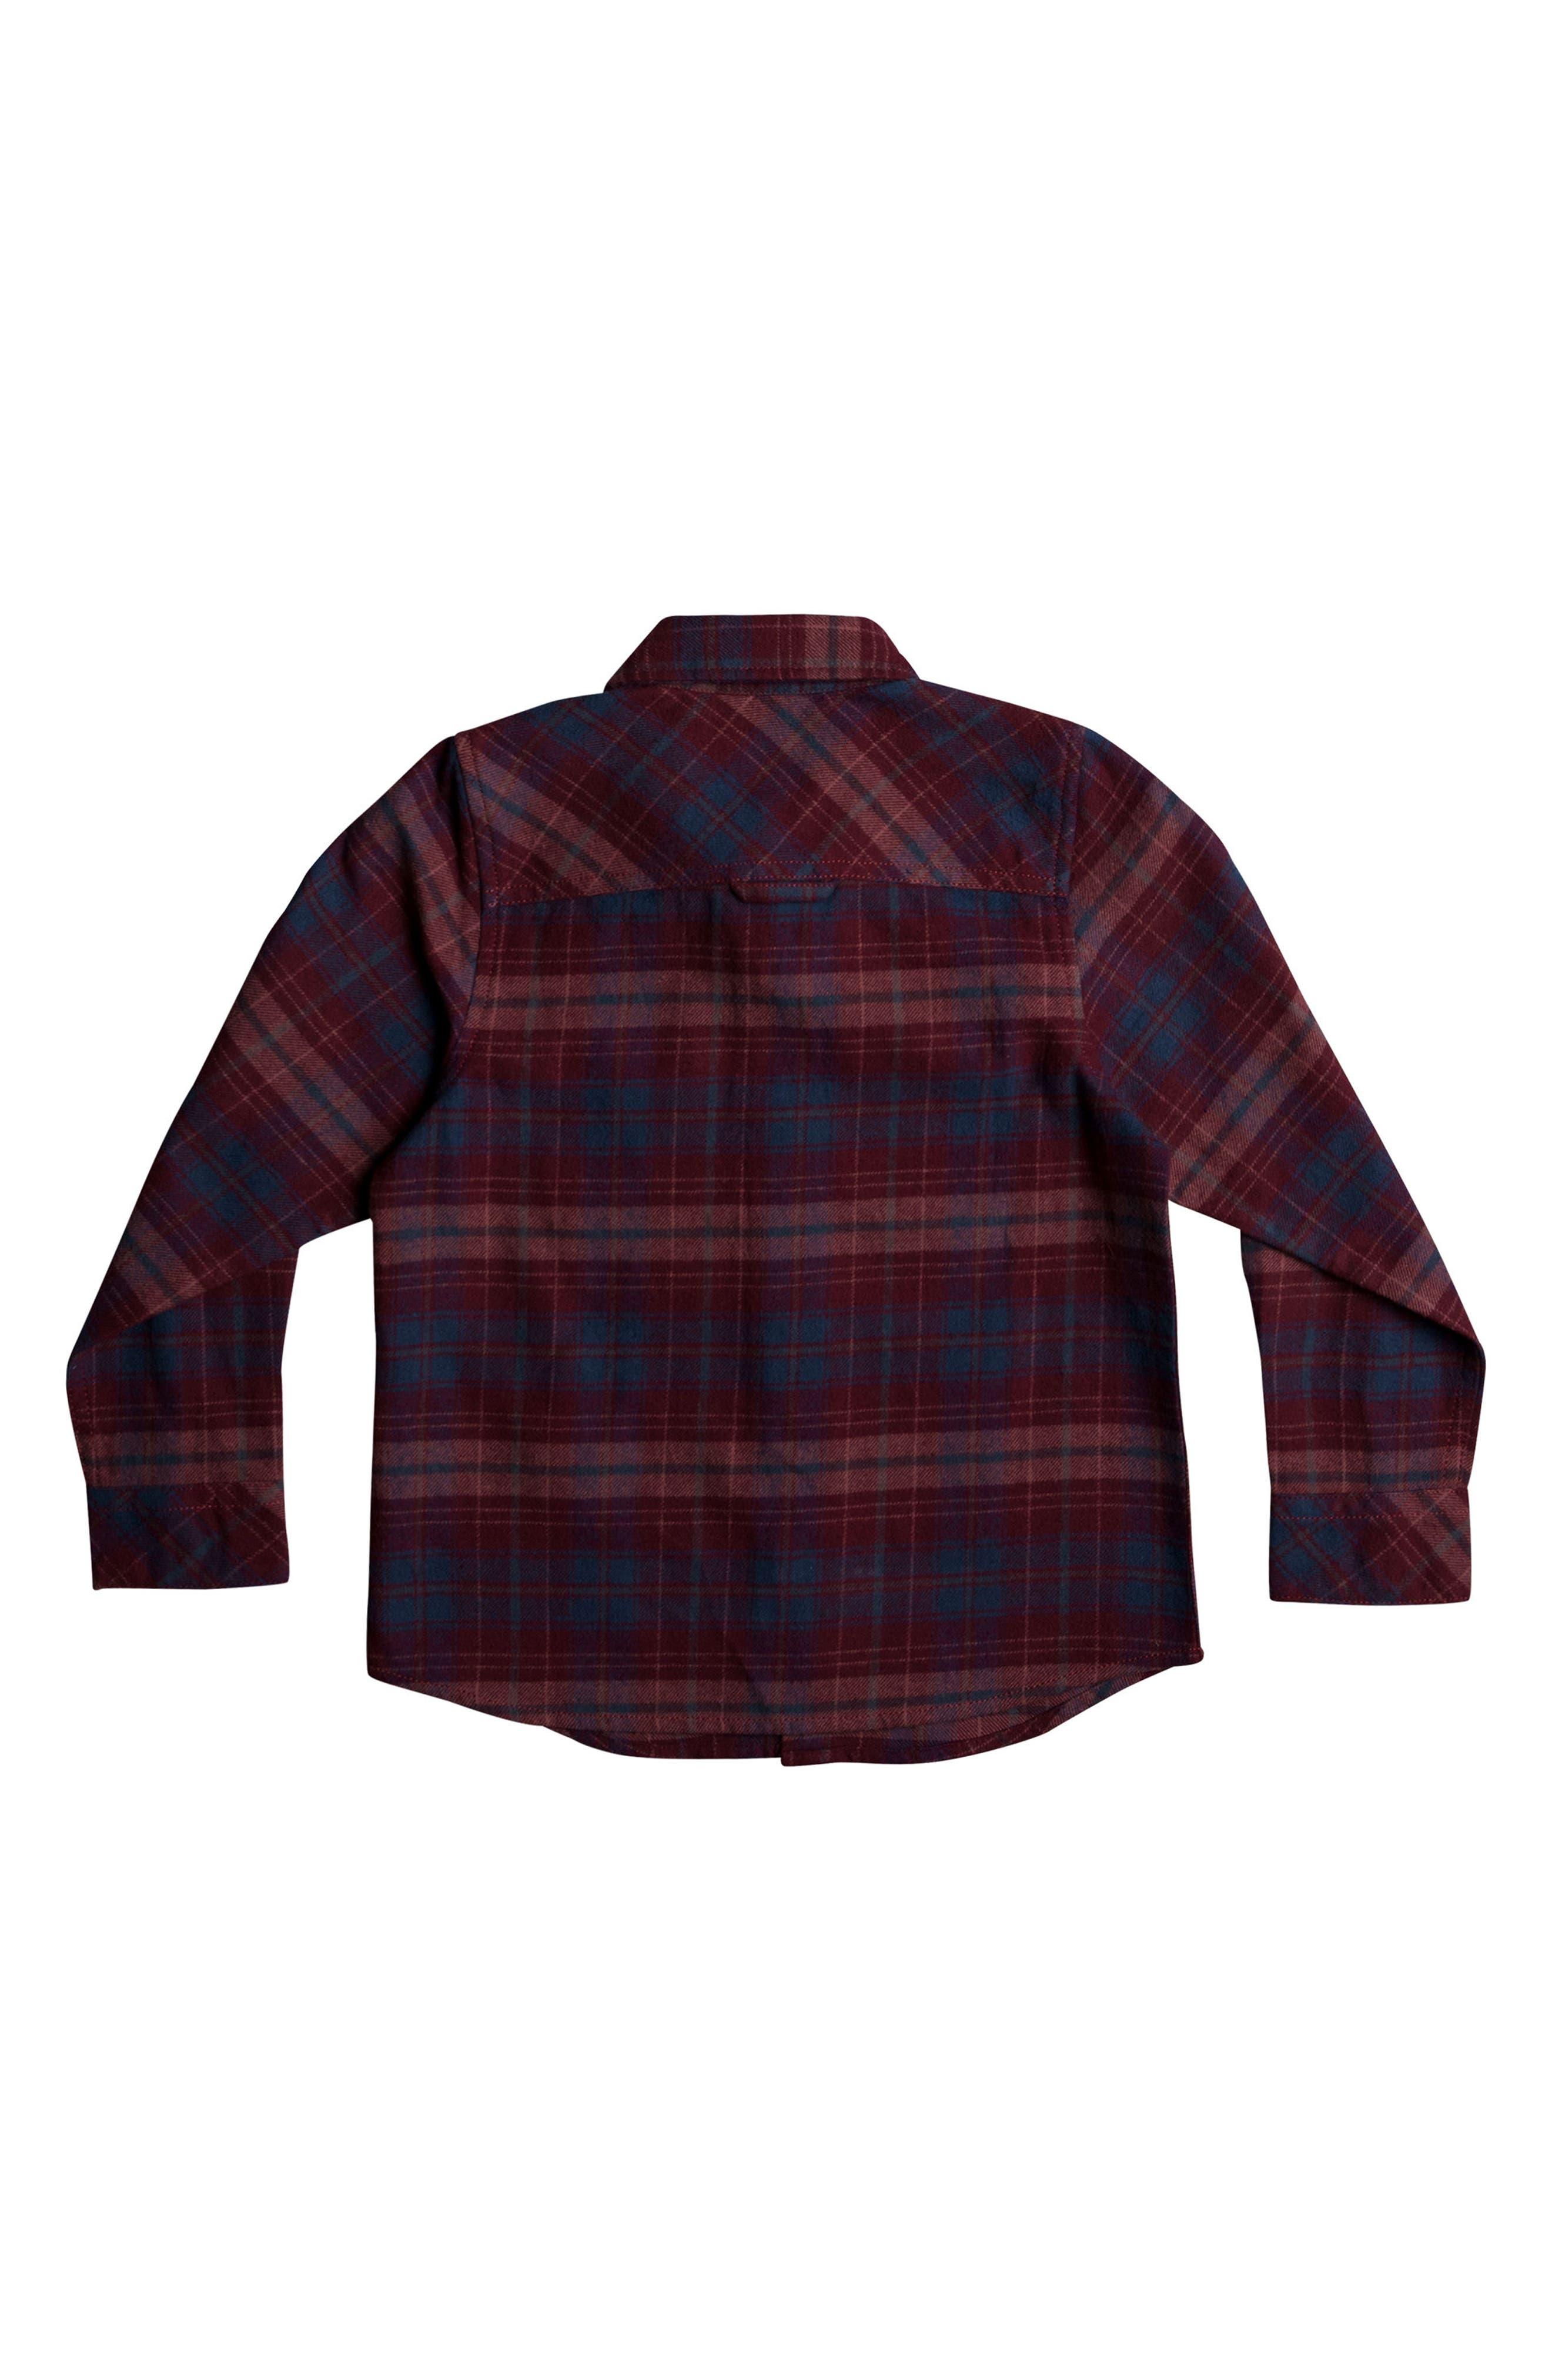 Fitzspeere Plaid Flannel Shirt,                             Alternate thumbnail 4, color,